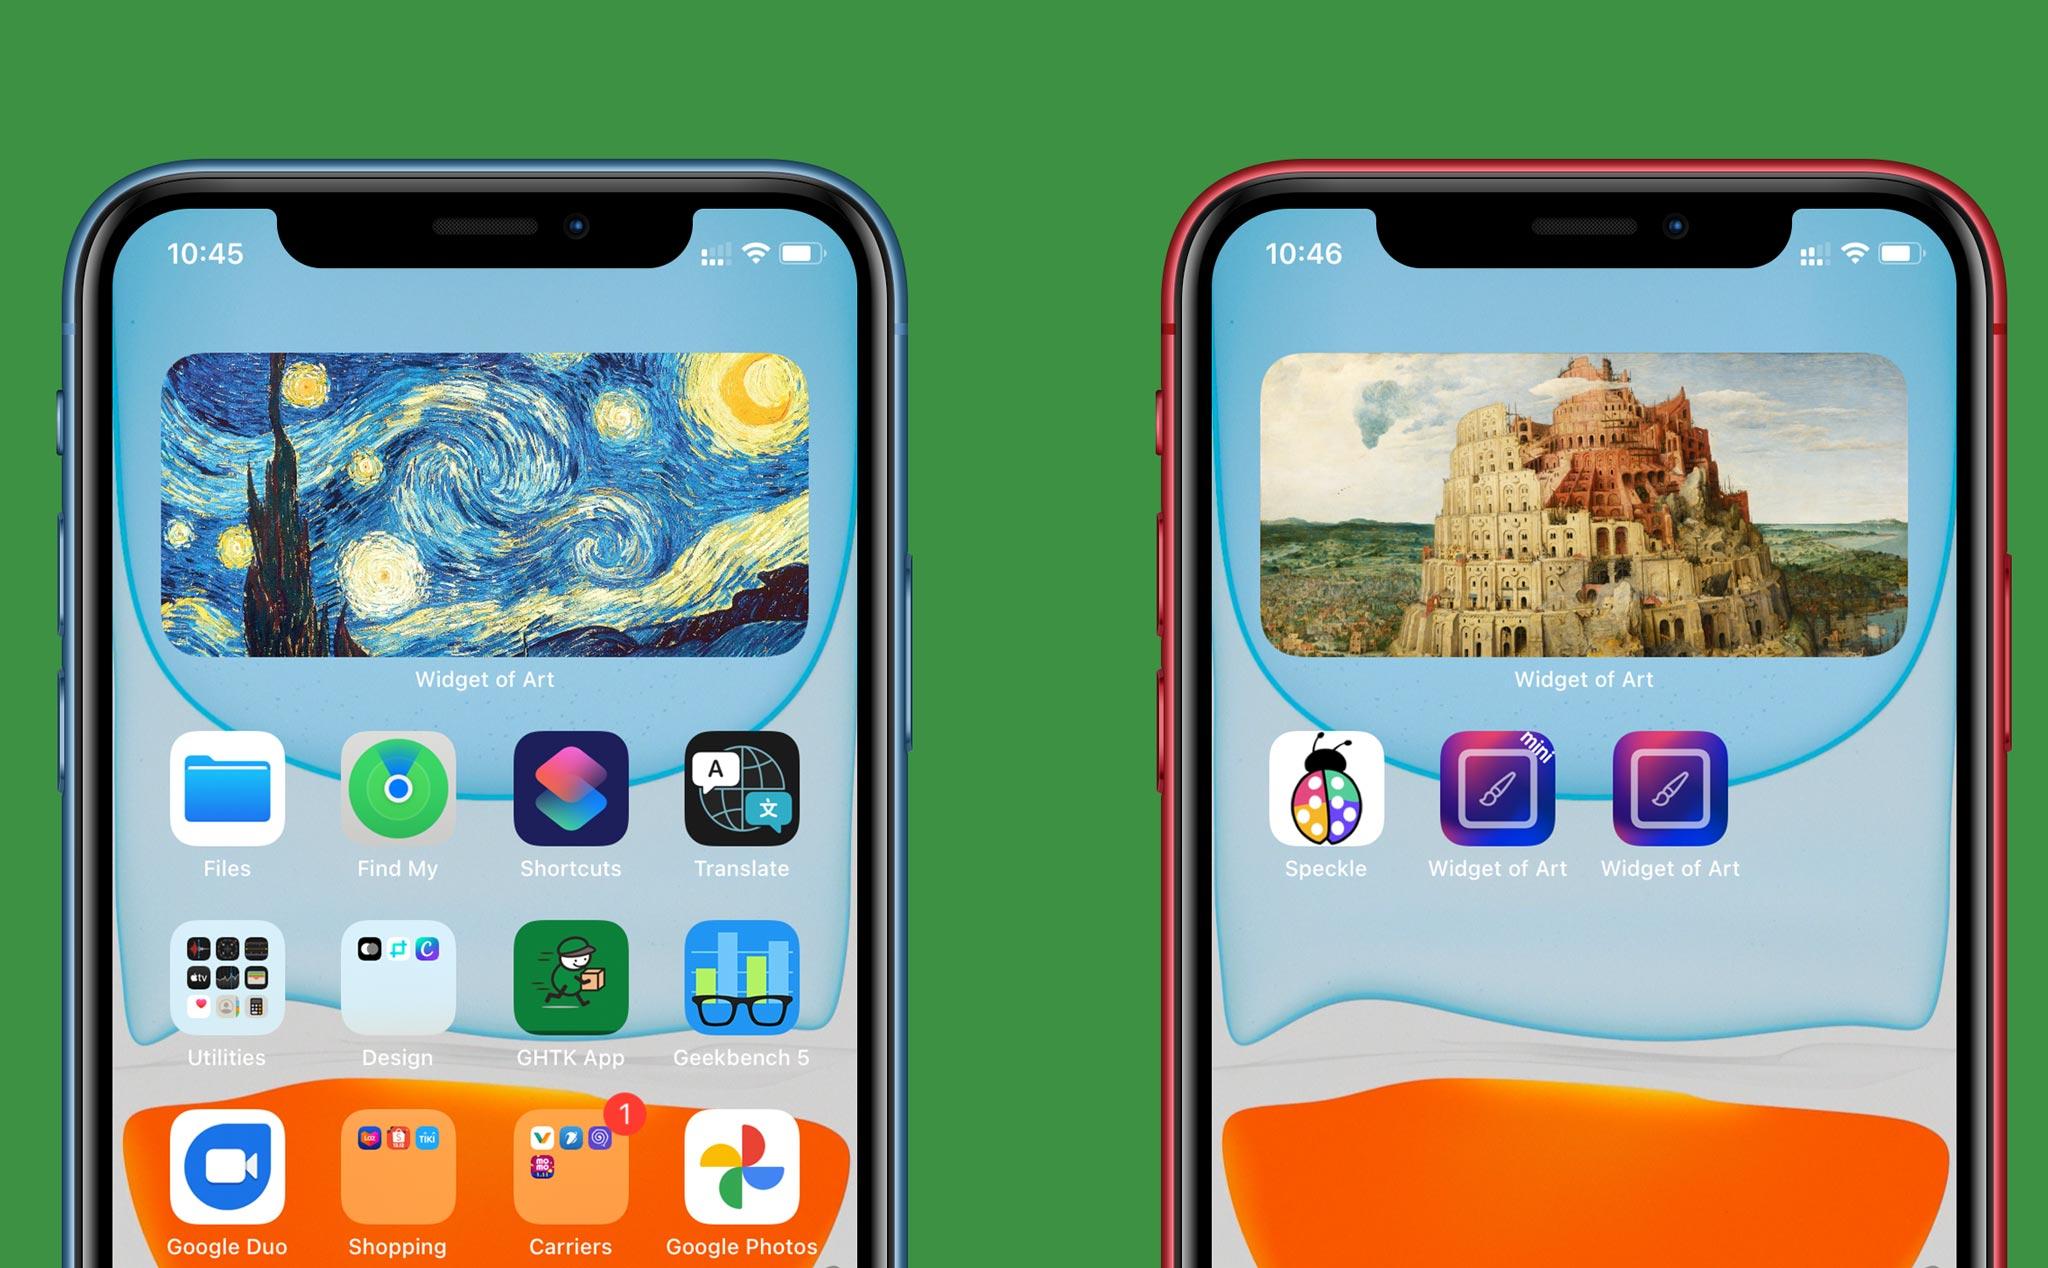 Mang tranh nghệ thuật lên màn hình iPhone trên iOS 14